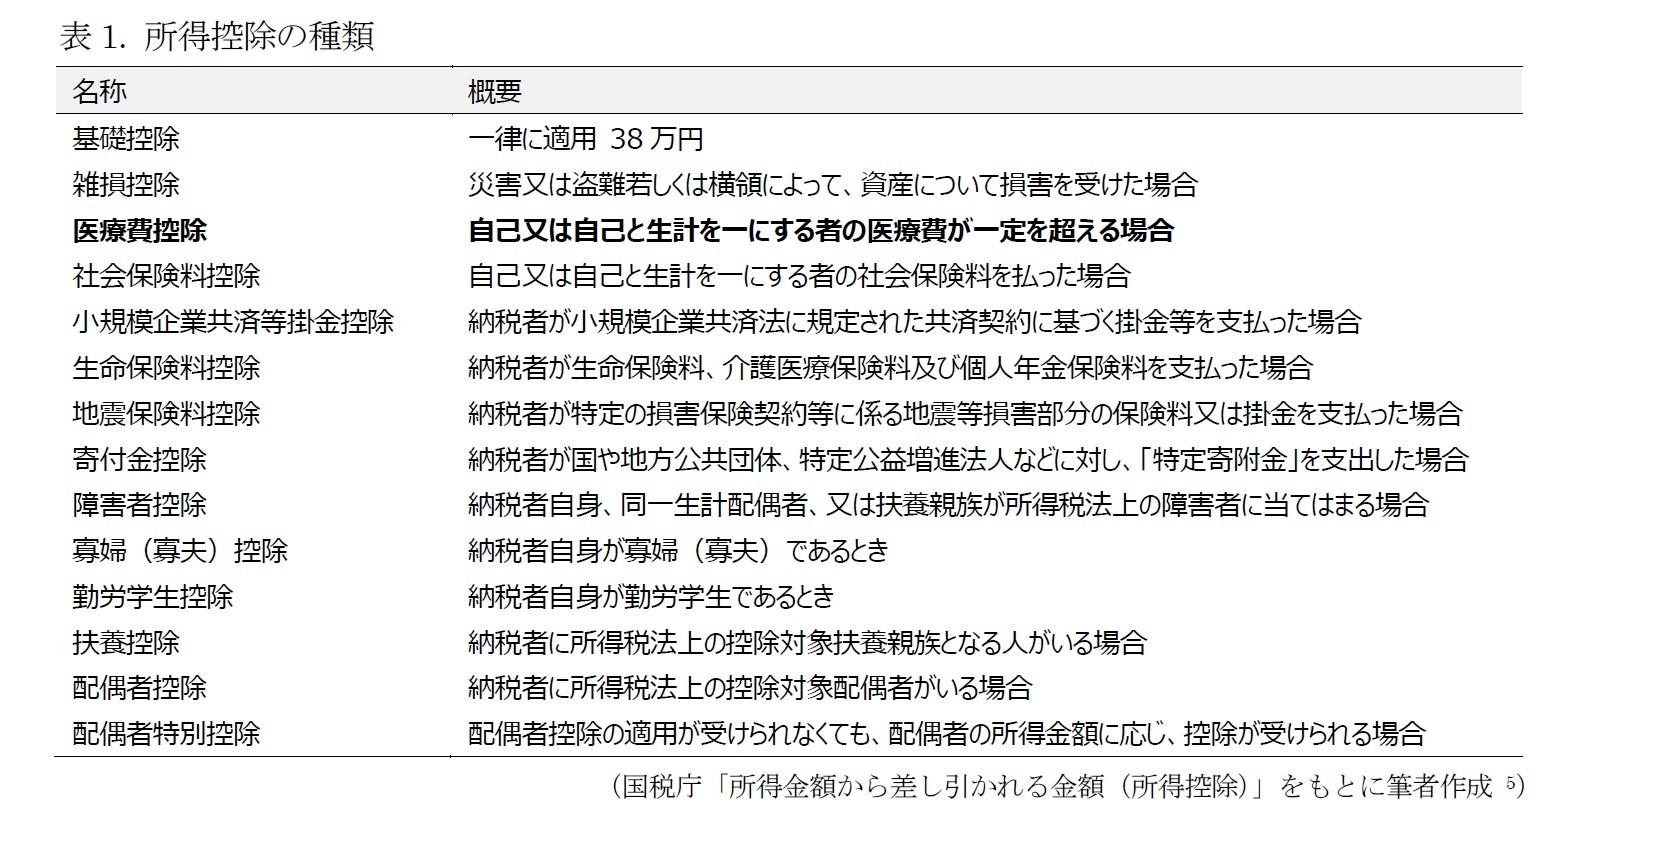 表1. 所得控除の種類